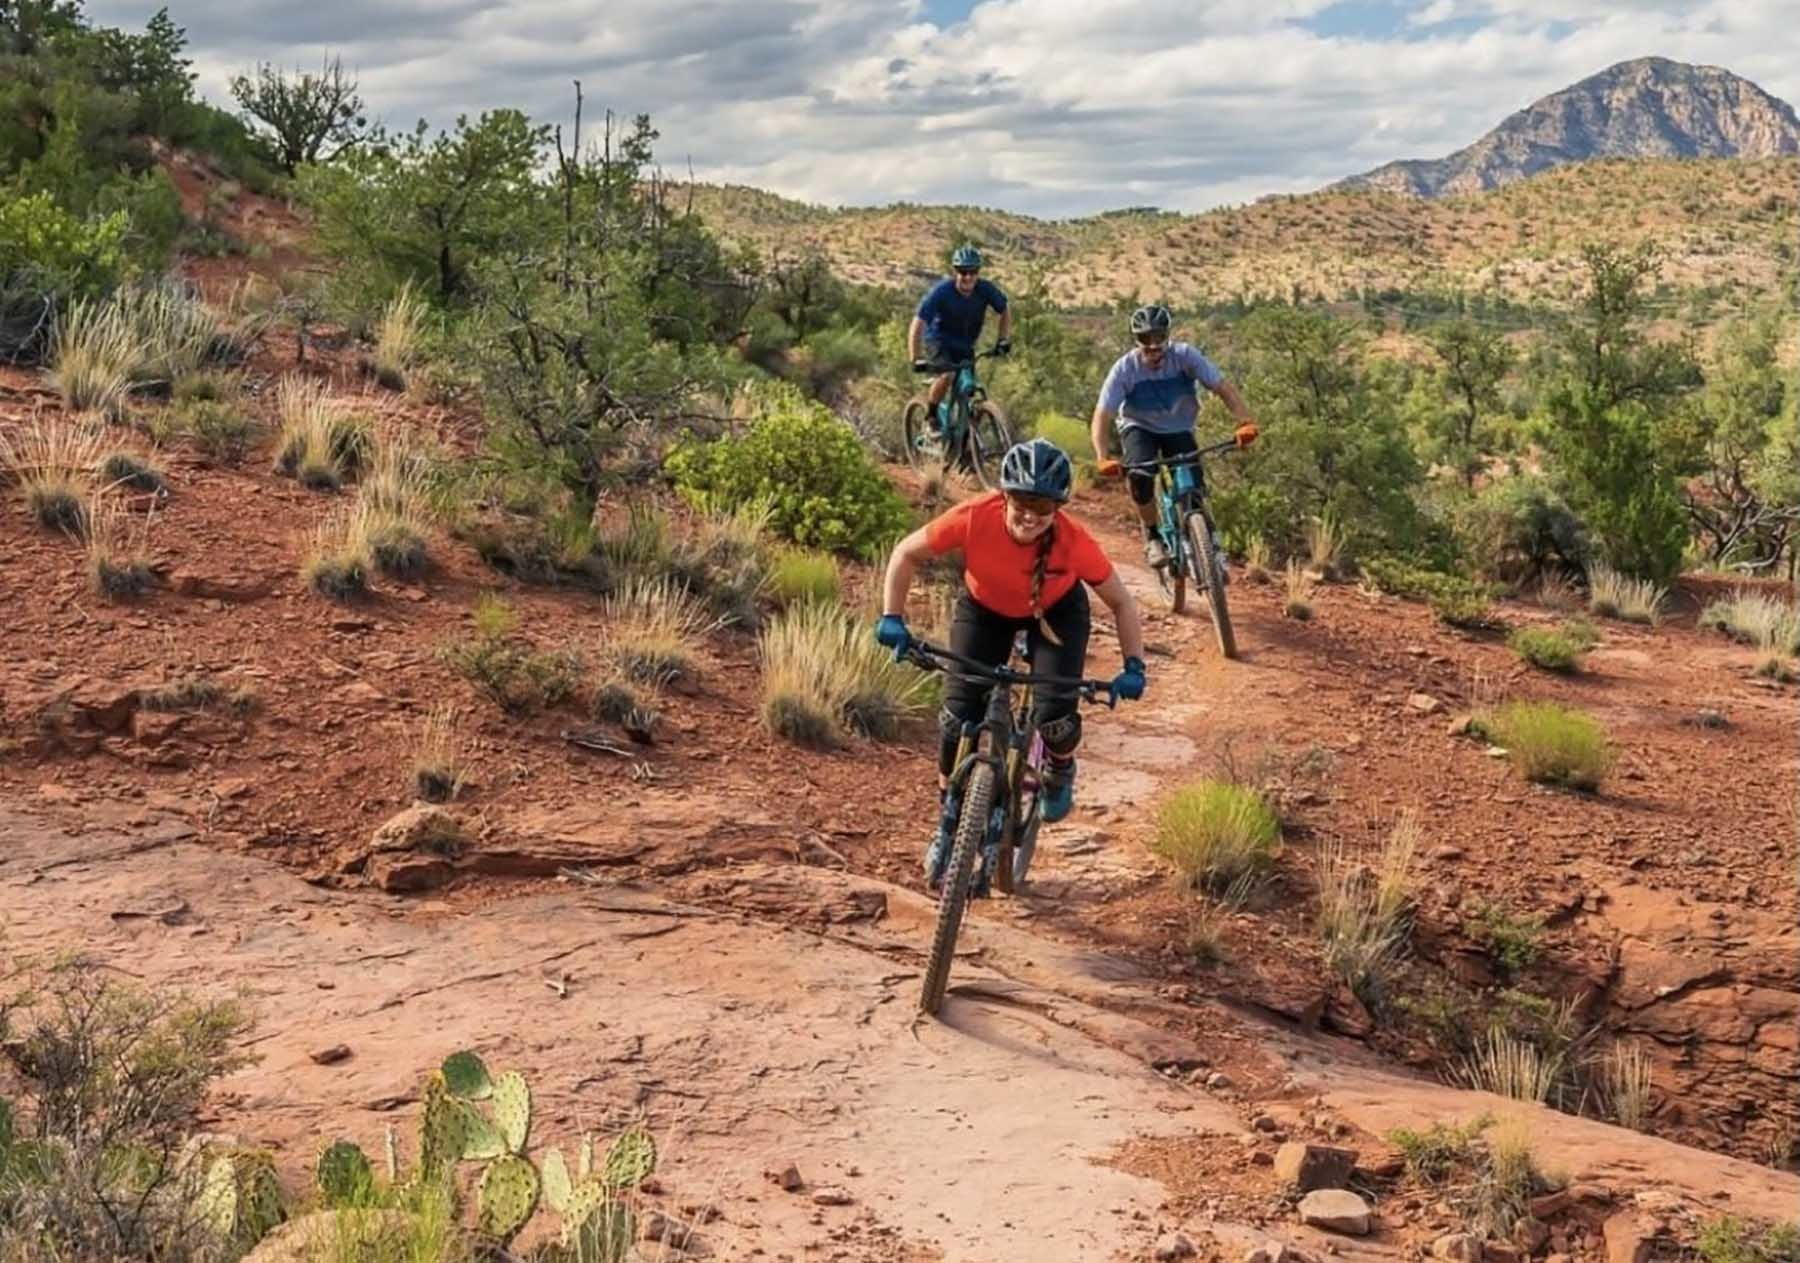 Thunder Mountain Bikes: The Go-To Sedona Bike Shop for the Whole Family